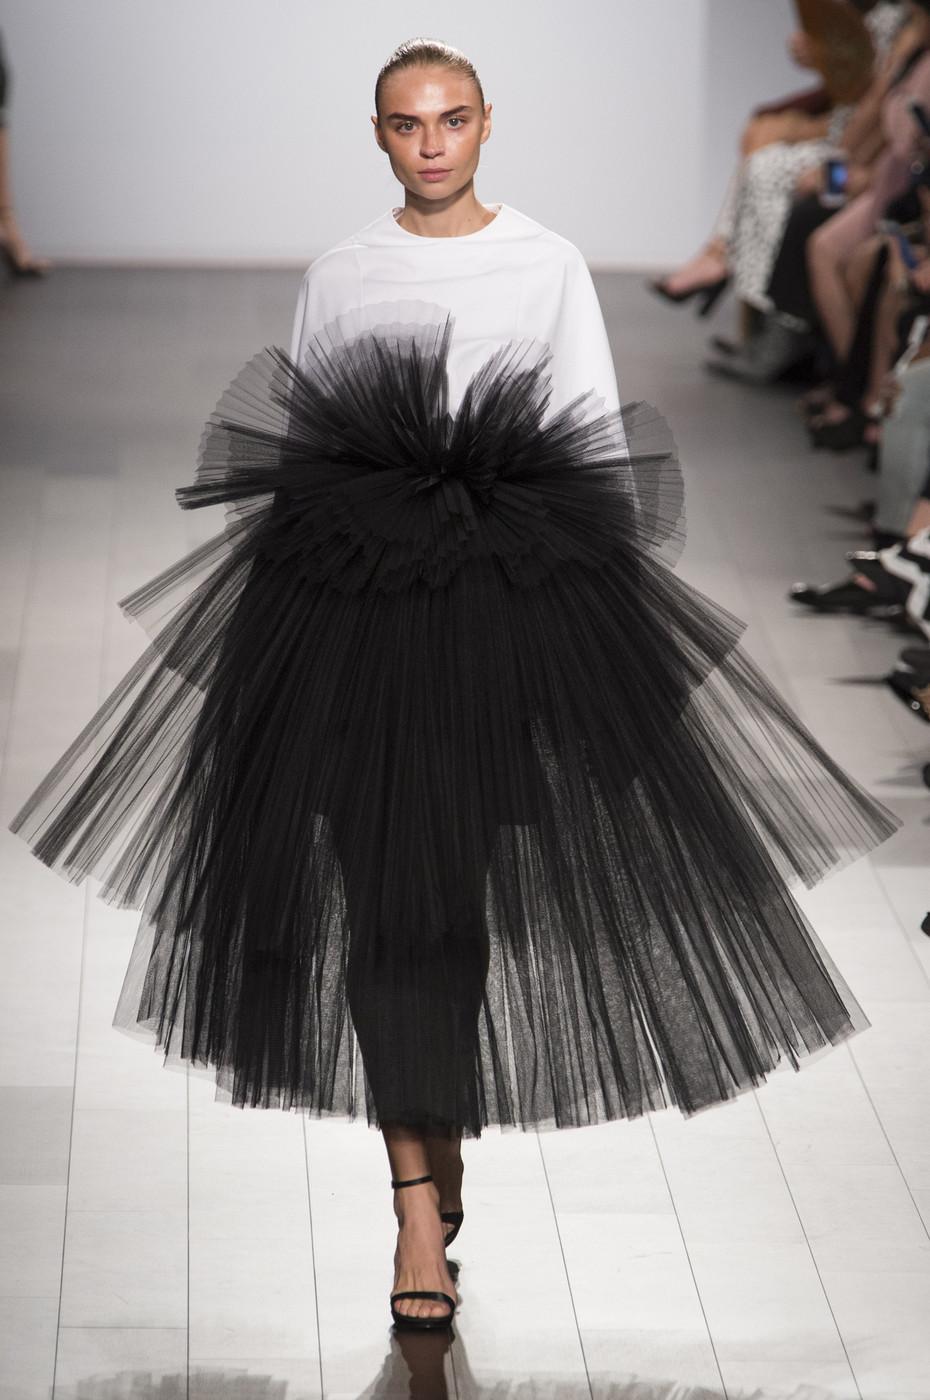 Kentaro Project Runway New York Fashion Week Looks